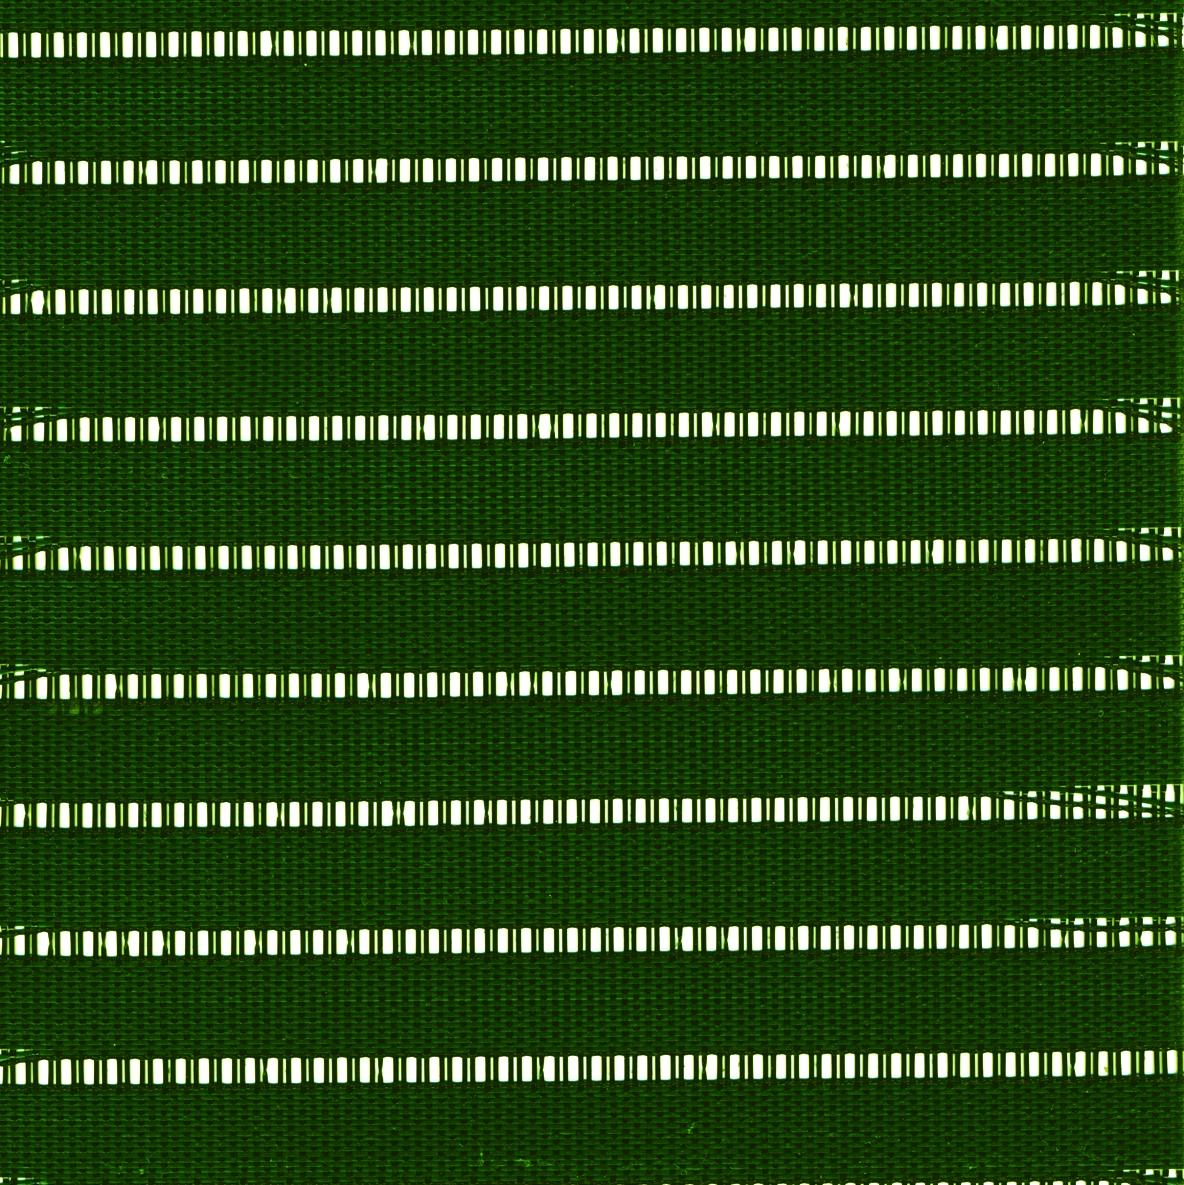 Polyproylene Lathe Leno Weave 85 Percent Shade